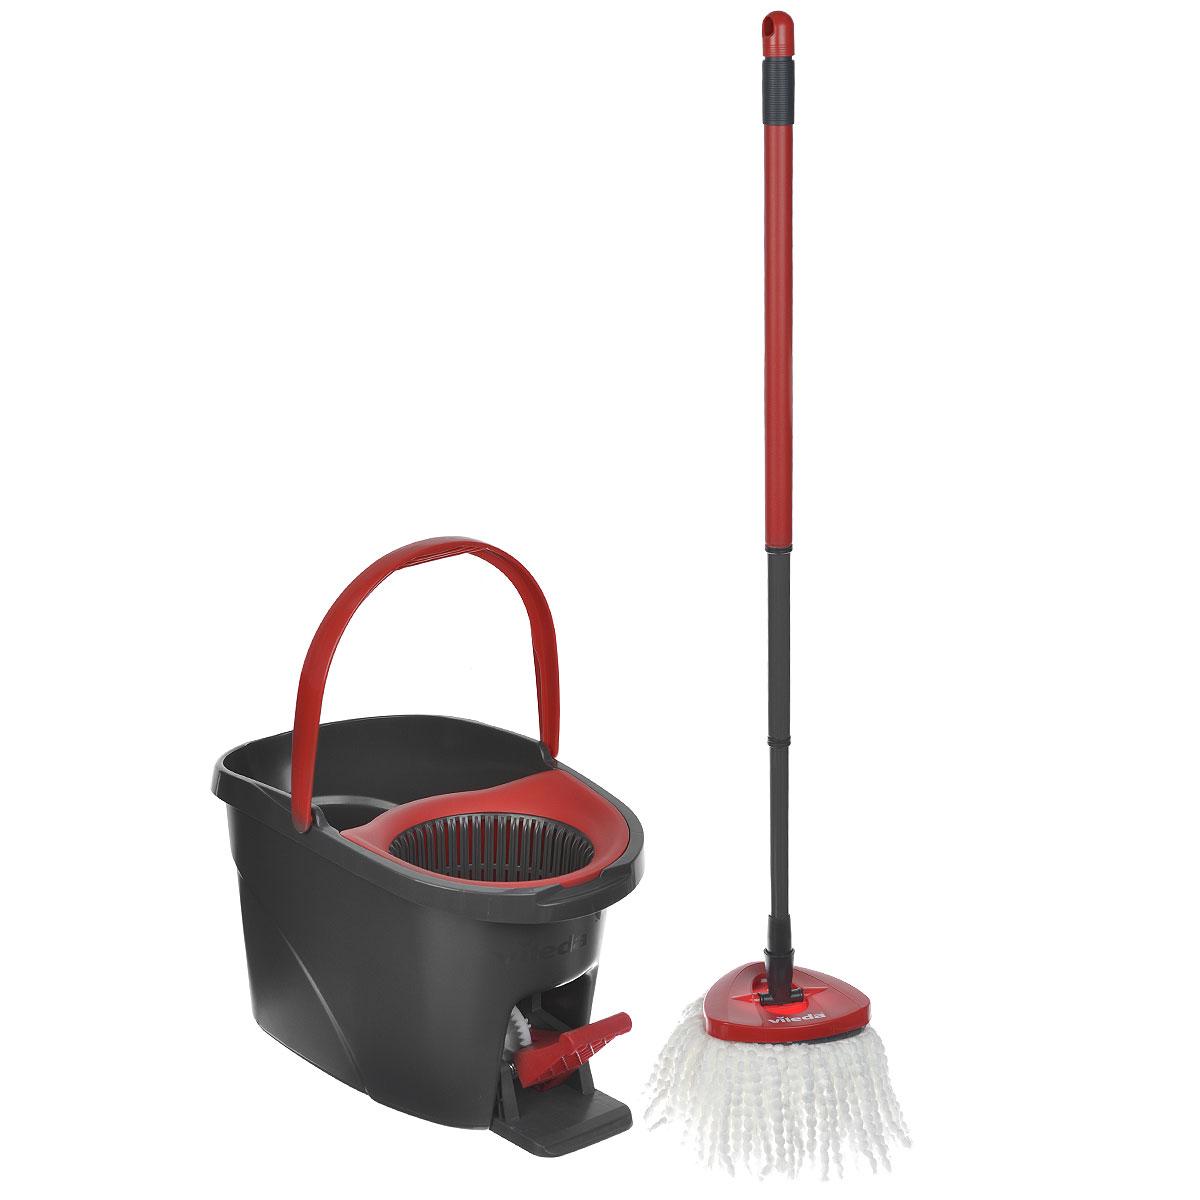 Набор для уборки Vileda Easy Wring, 2 предмета